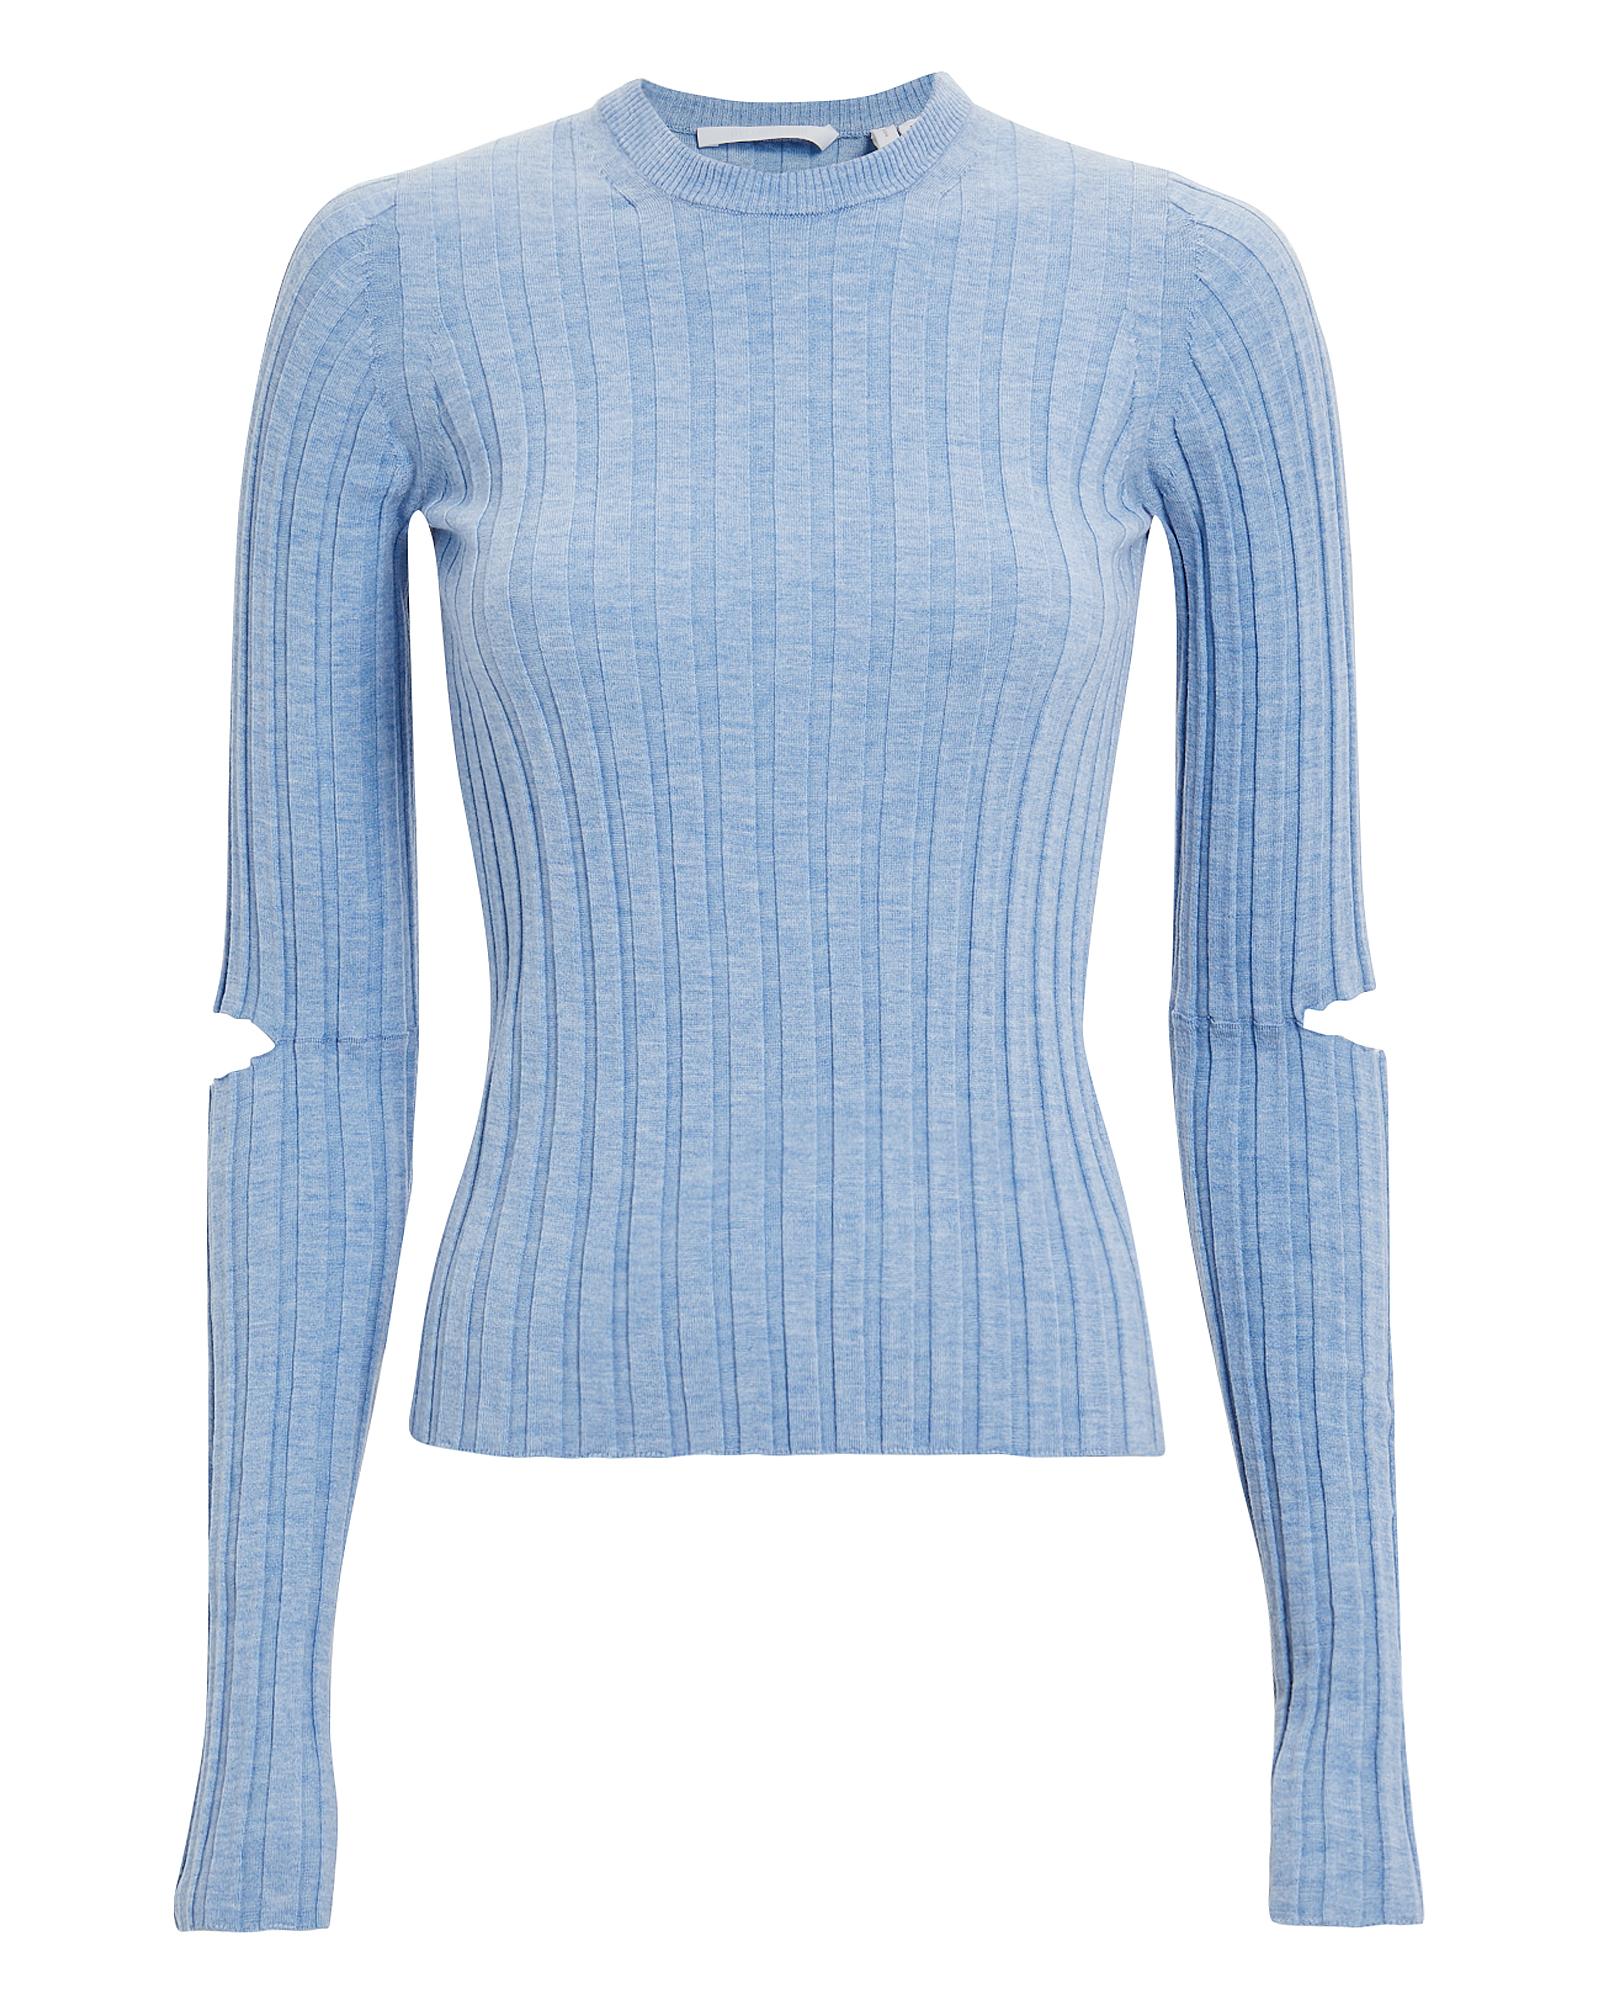 Helmut Lang Slashed Sleeve Knit Top  Blue-lt L